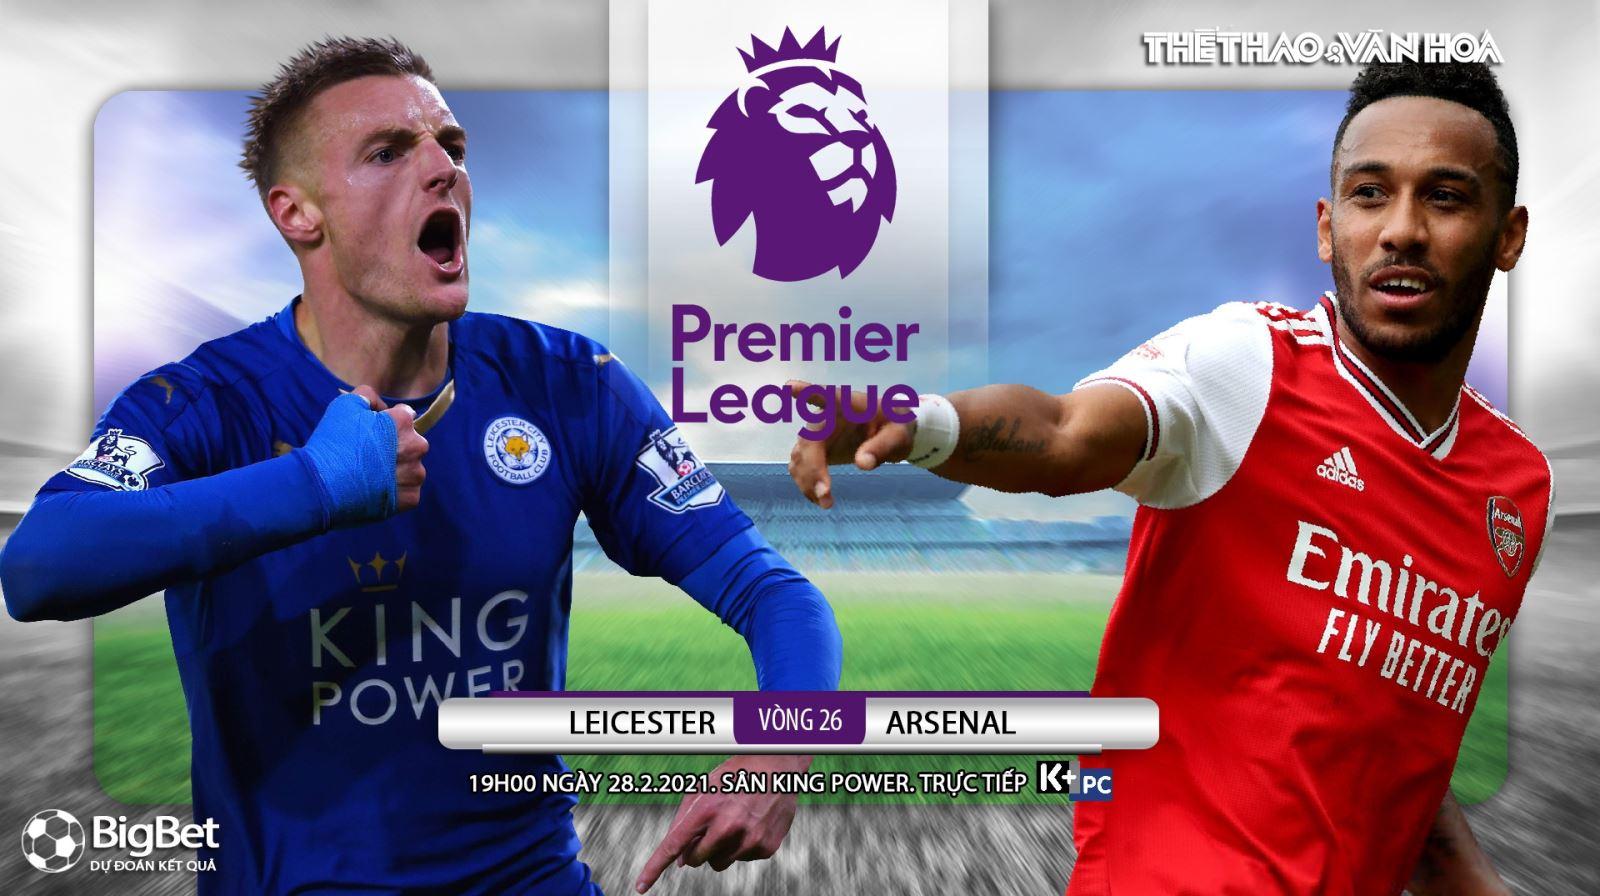 Soi kèo nhà cái Leicester City vs Arsenal. K+PC trực tiếp bóng đá Ngoại hạng Anh